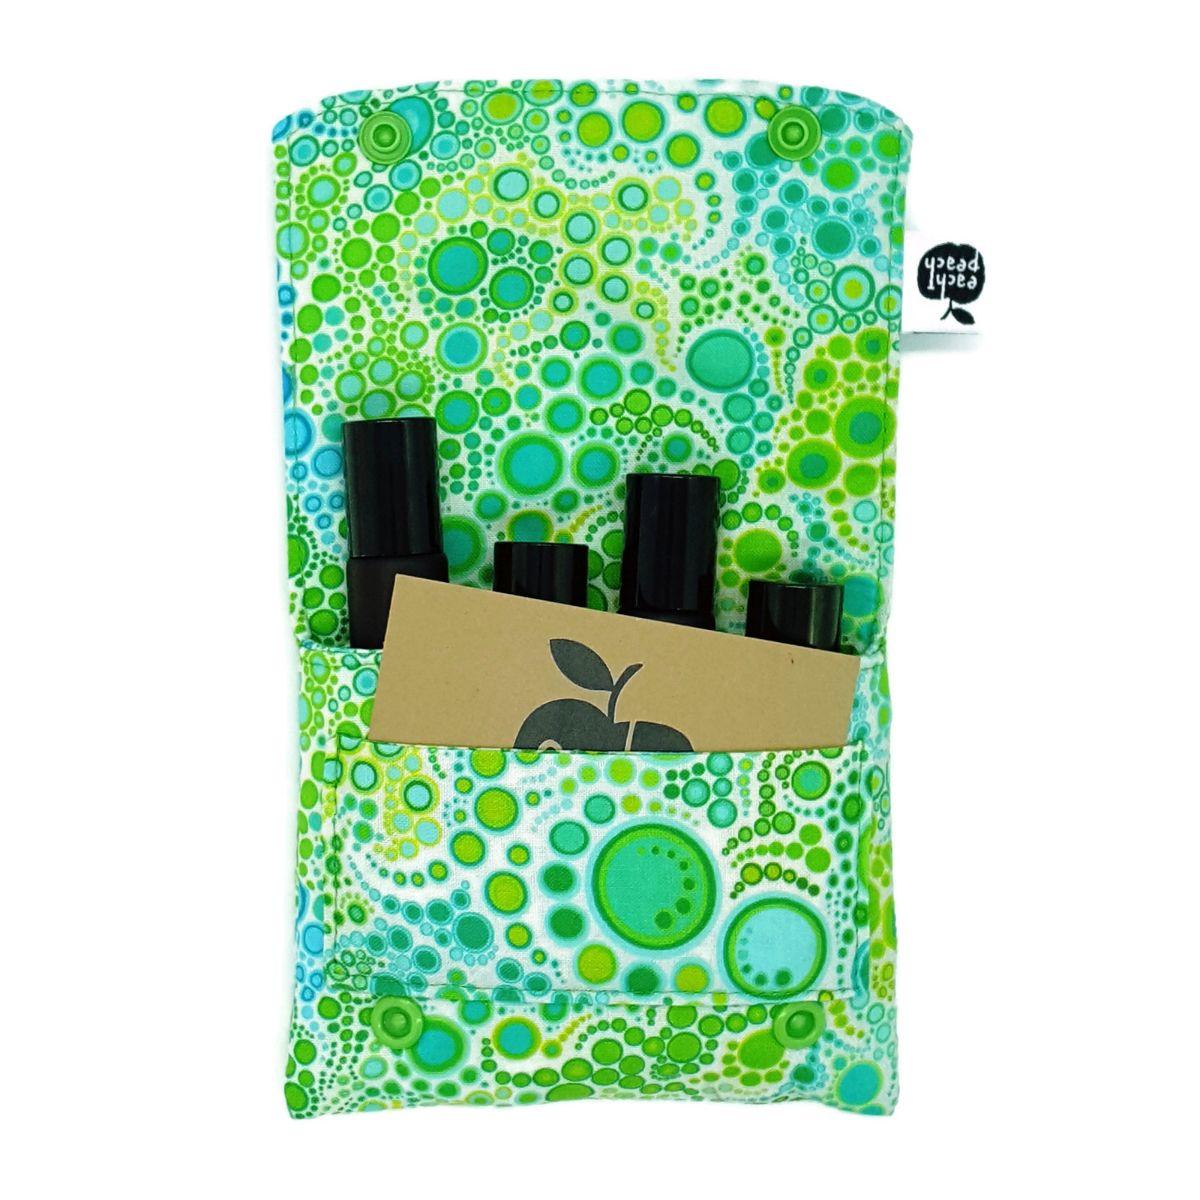 jade-essential-oil-wallet